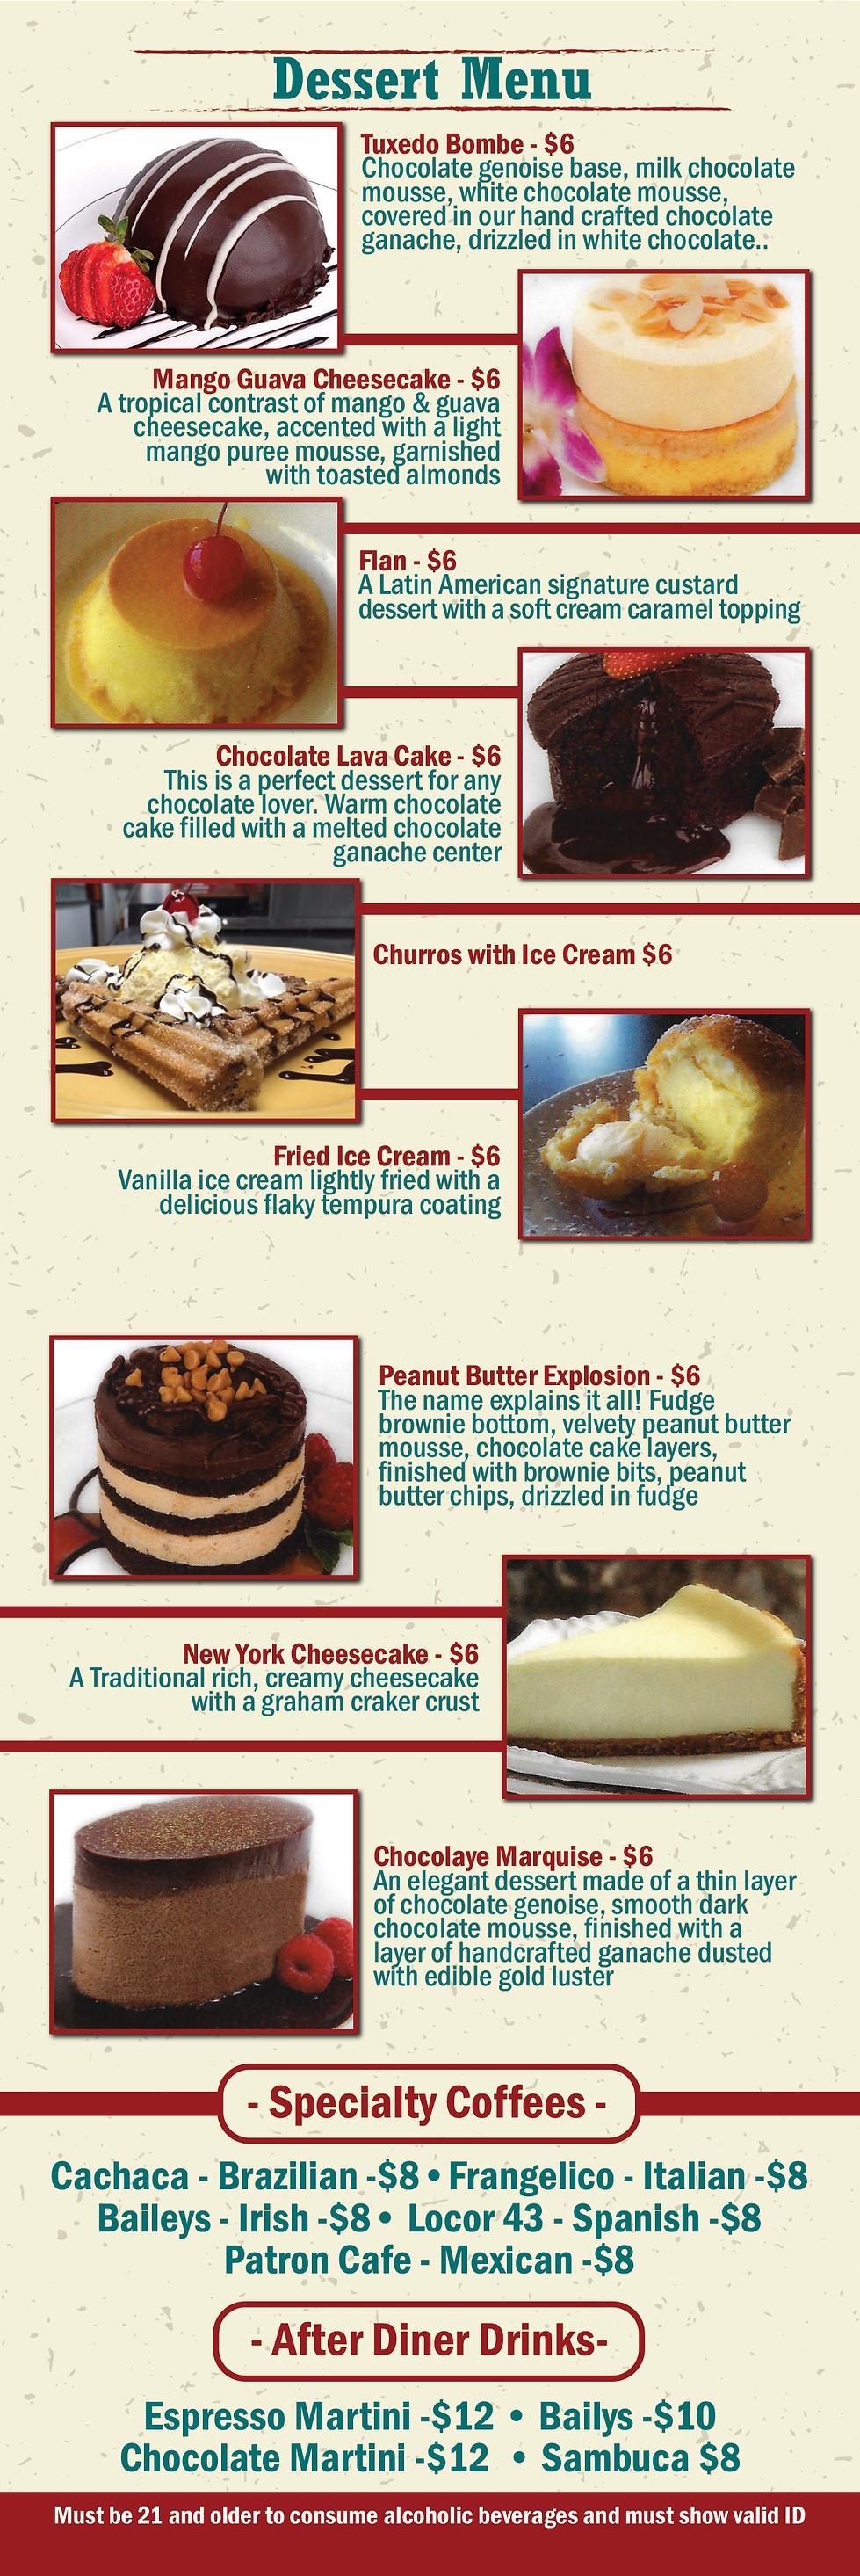 Dessert menu website.jpg